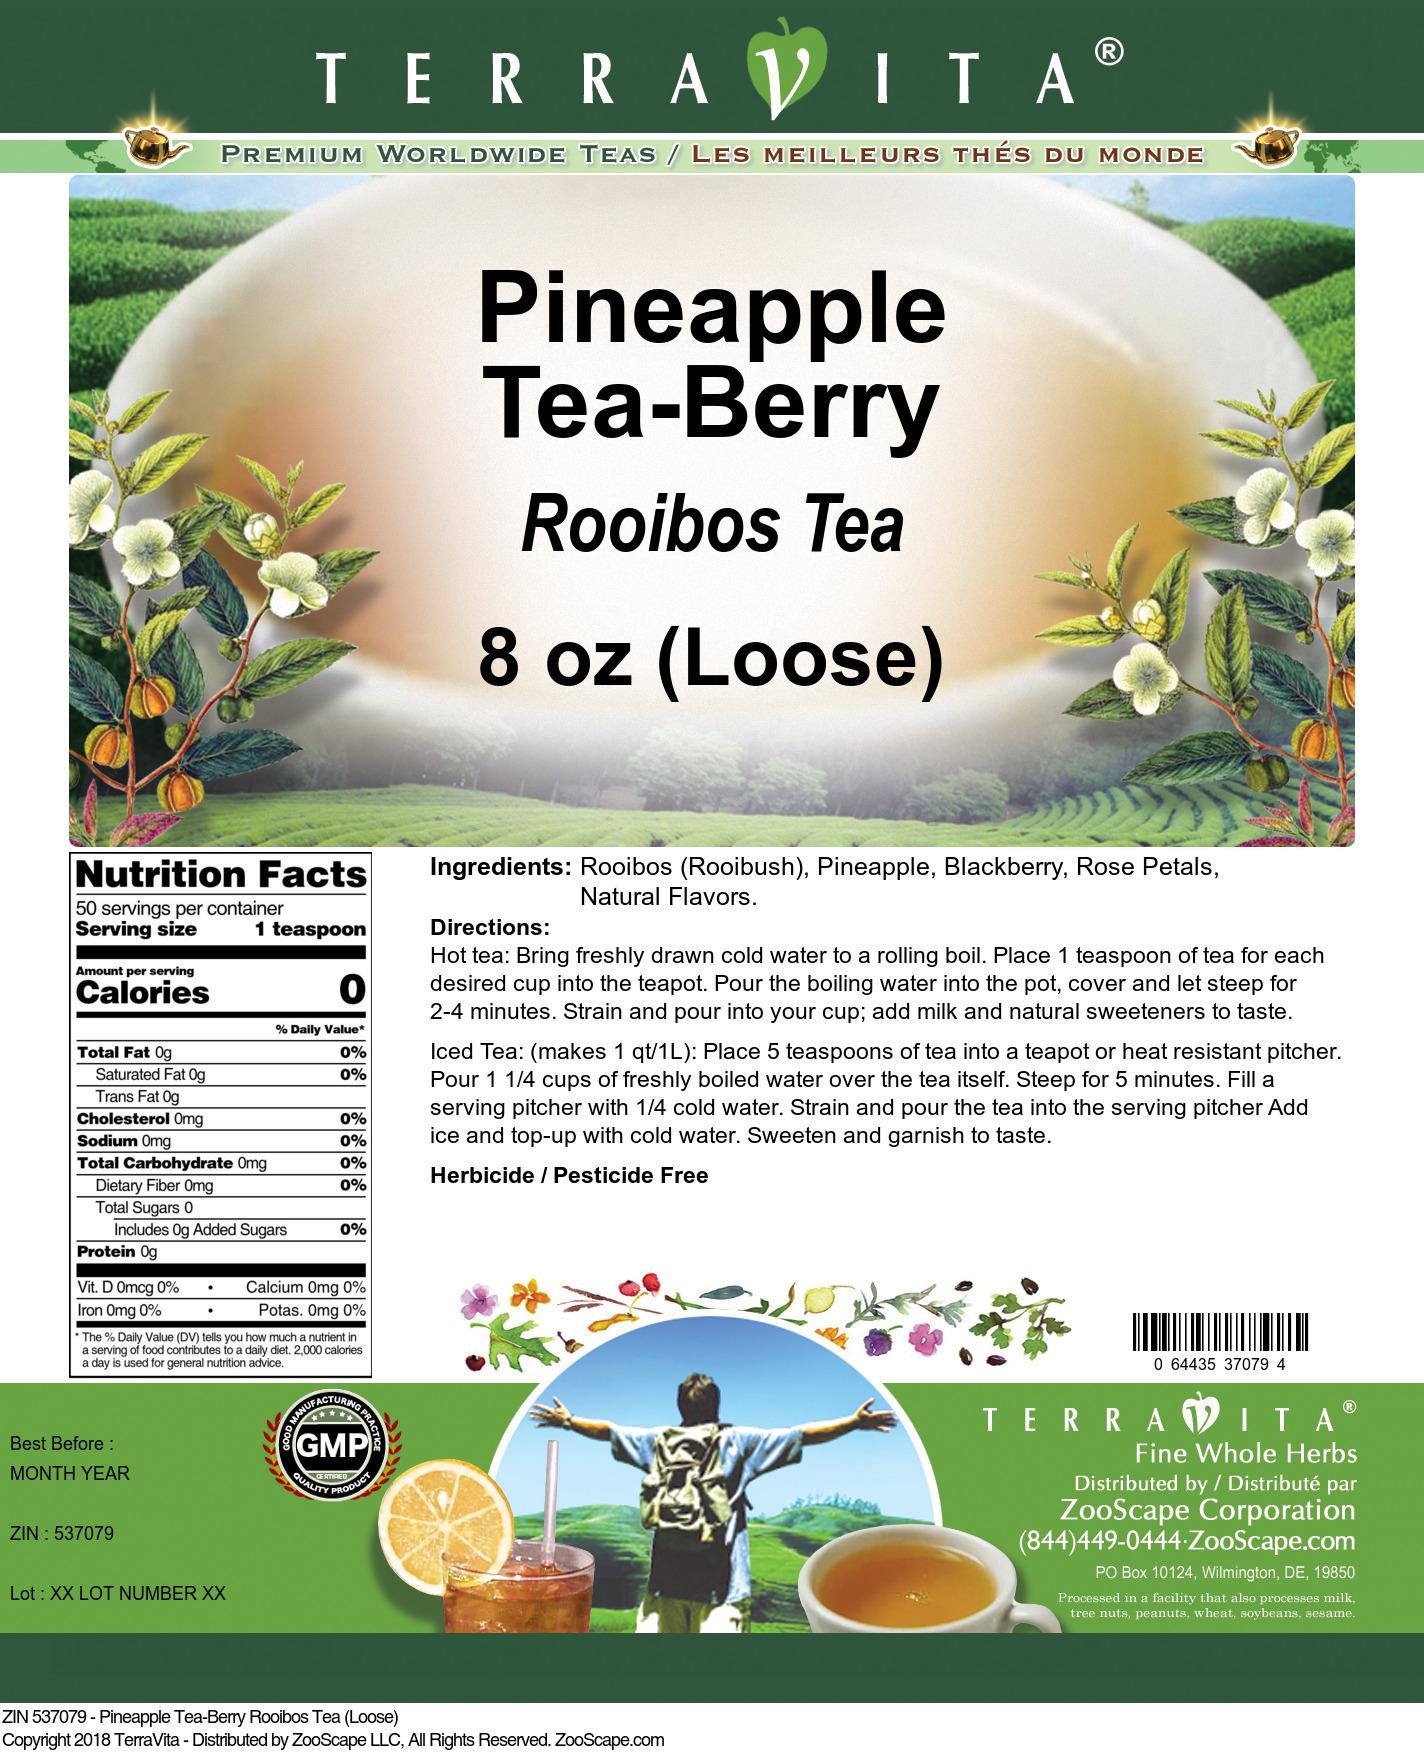 Pineapple Tea-Berry Rooibos Tea